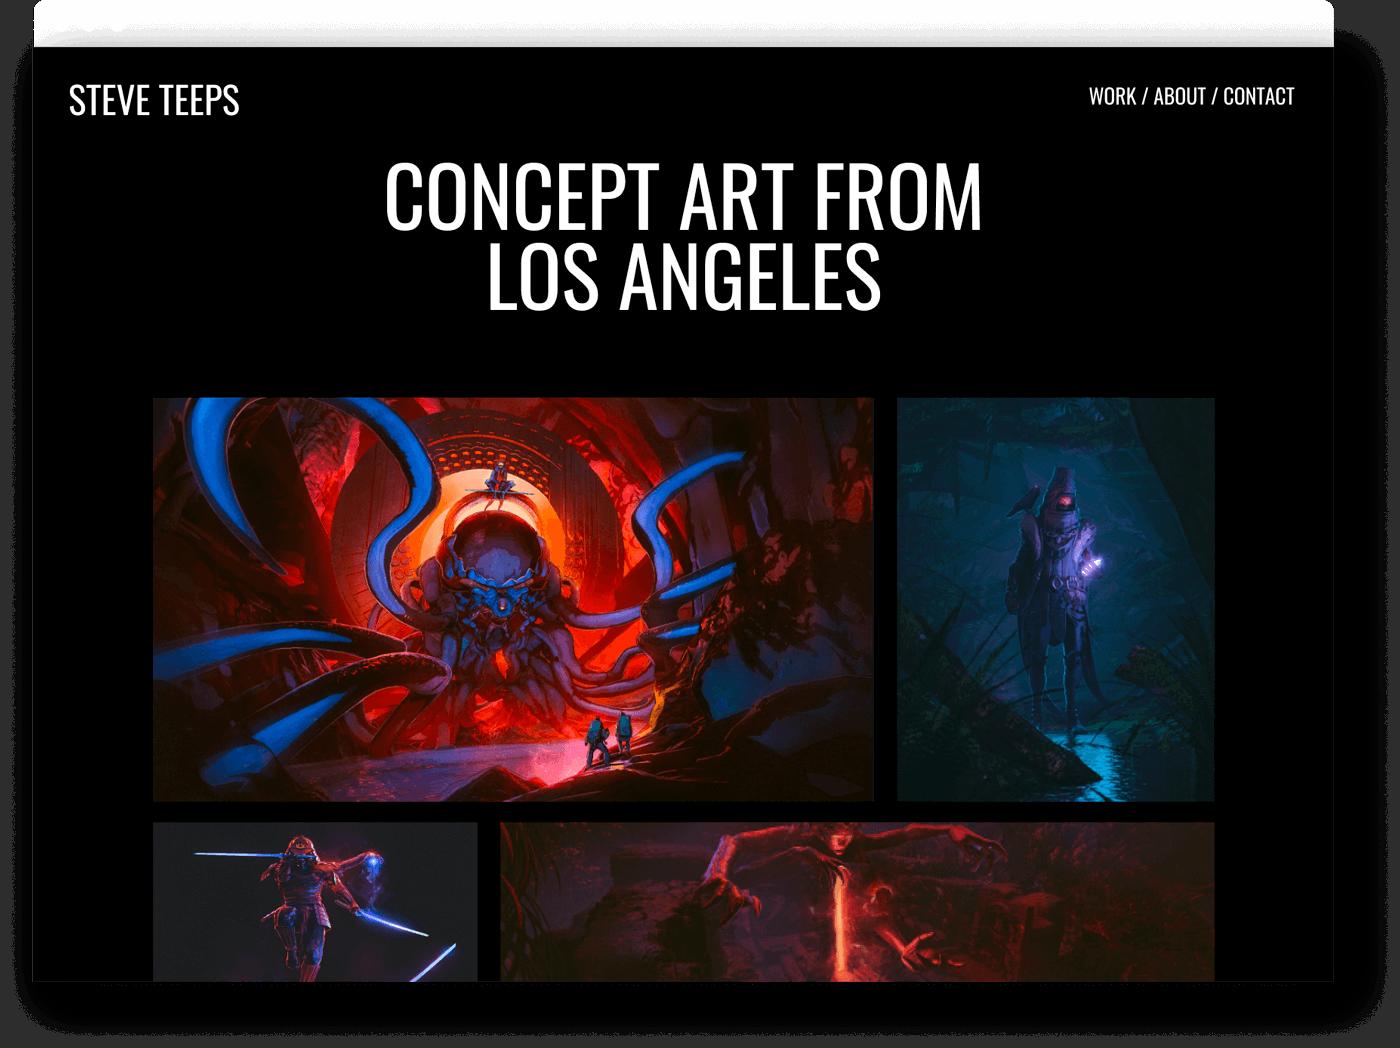 carbon-concept-artist-browser-optimized